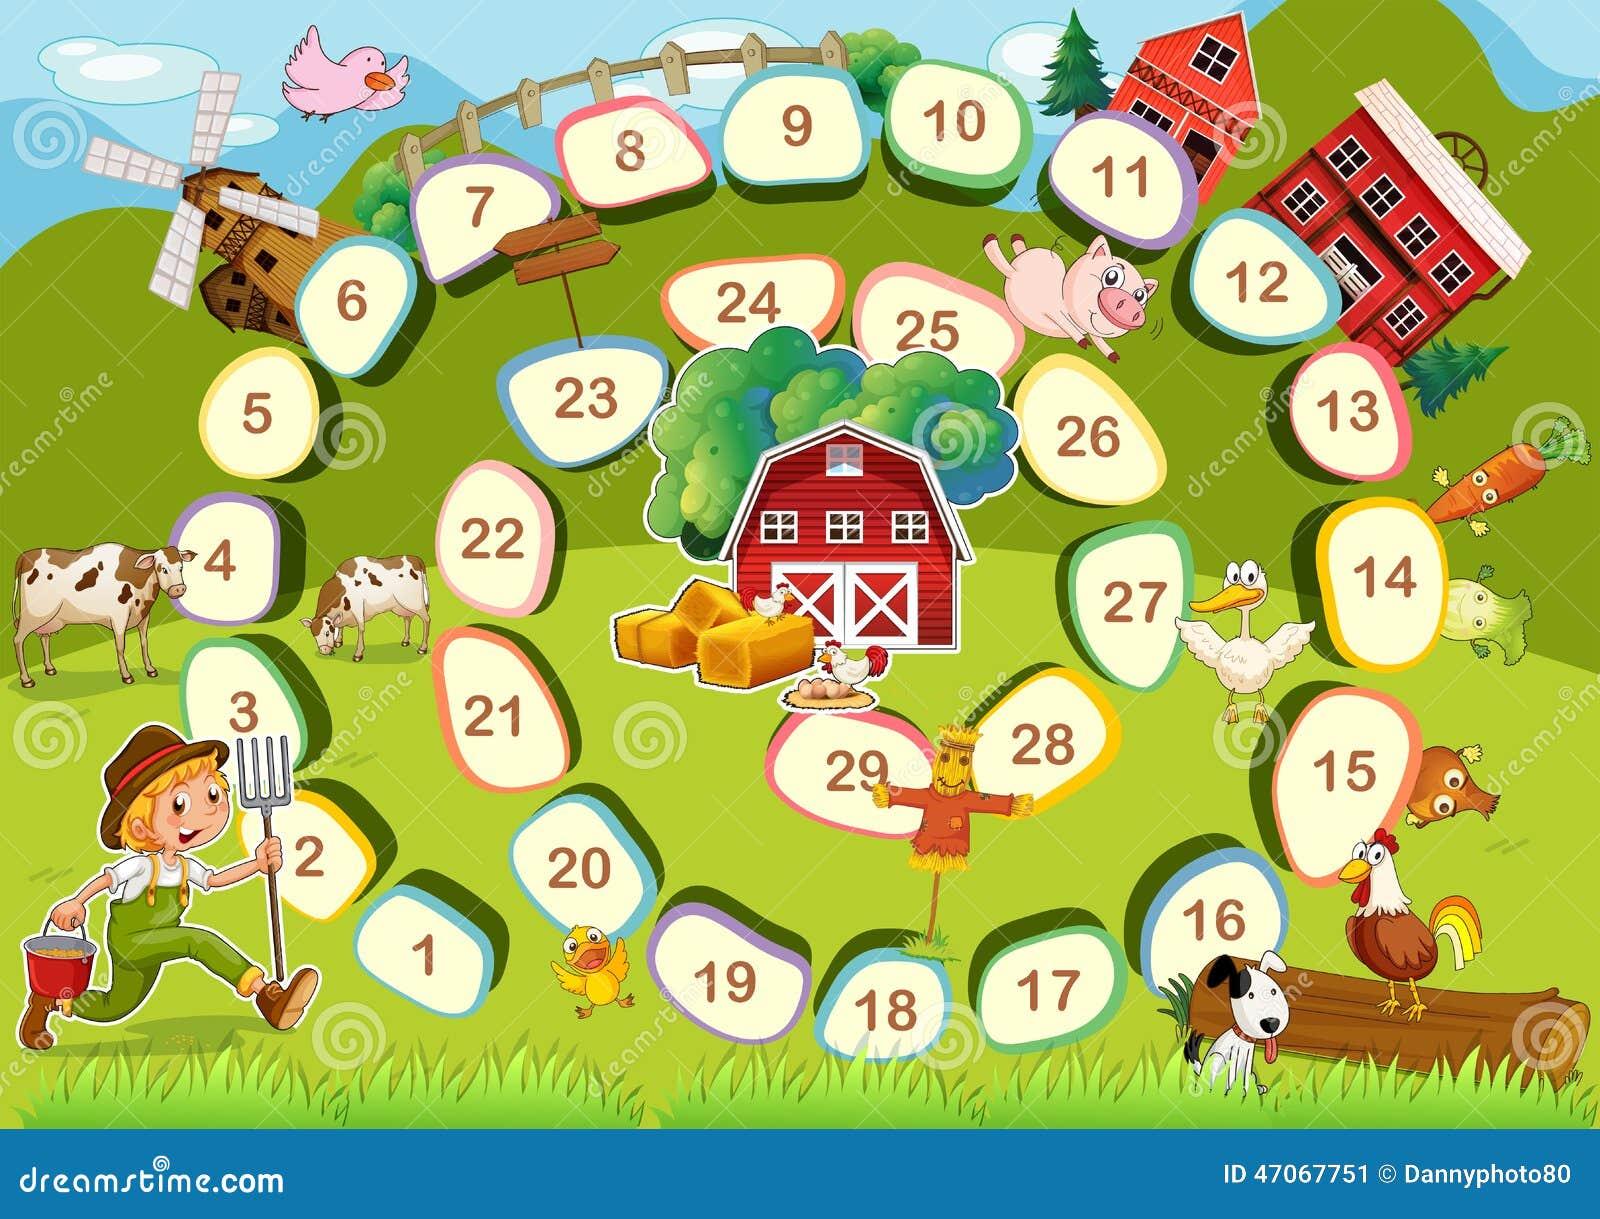 juego de mesa de la granja ilustraci n del vector imagen